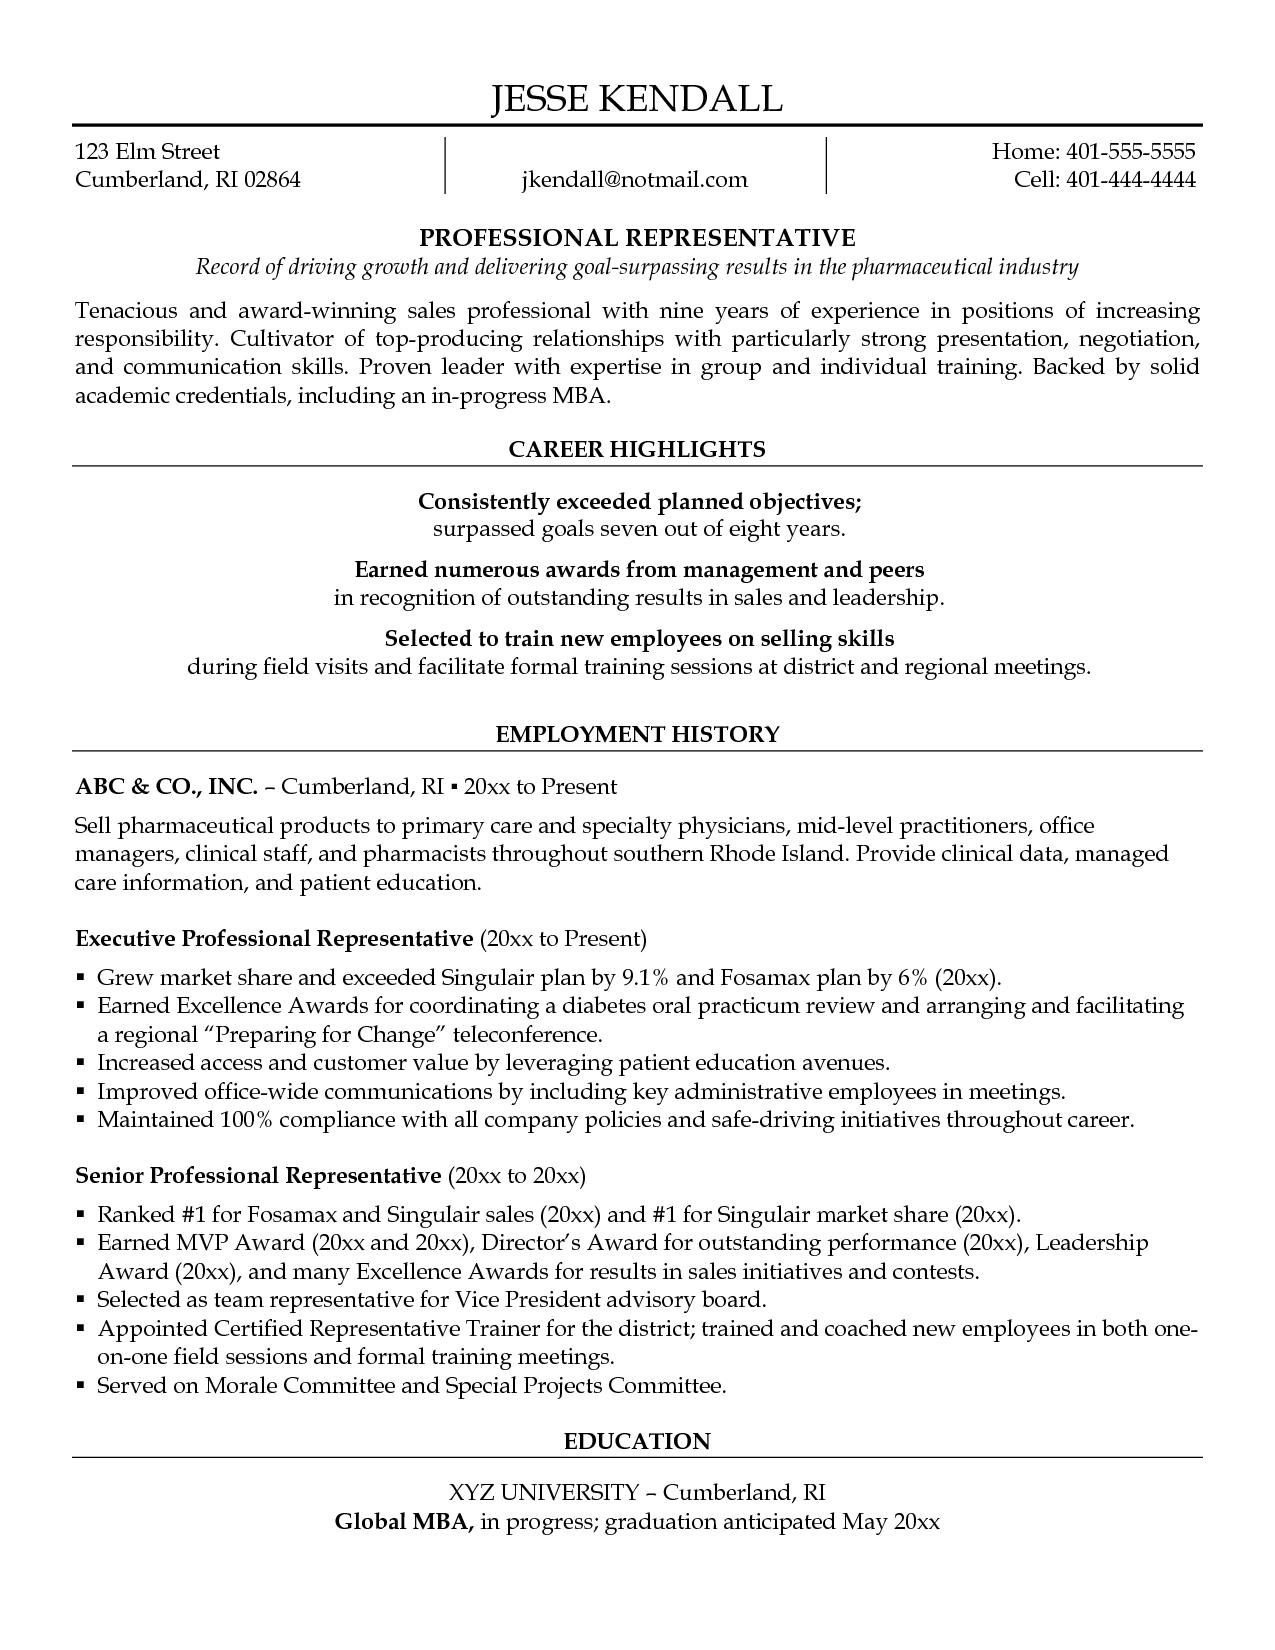 Canadian Resume Builder Bookkeeper Resume Cover Letter Ideas  Httpwww.jobresume.website .